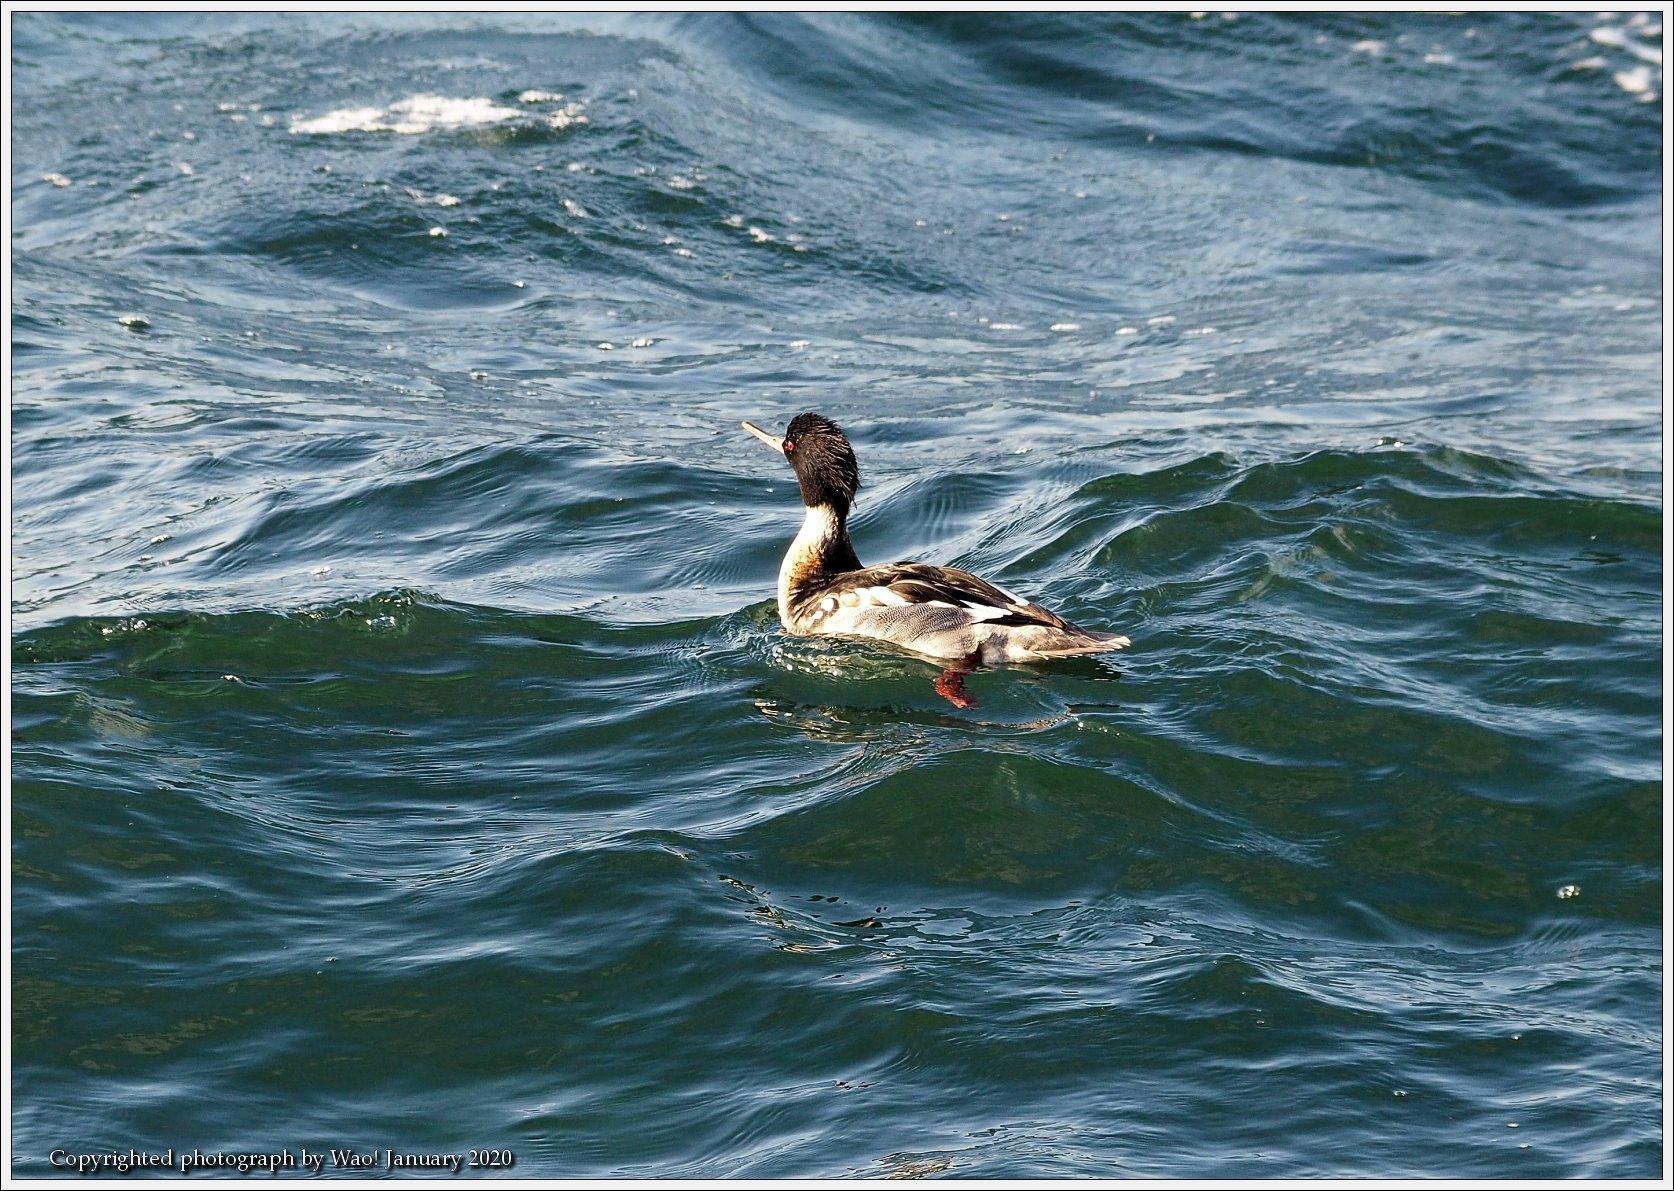 ウミアイサ 内湾で_c0198669_17414495.jpg